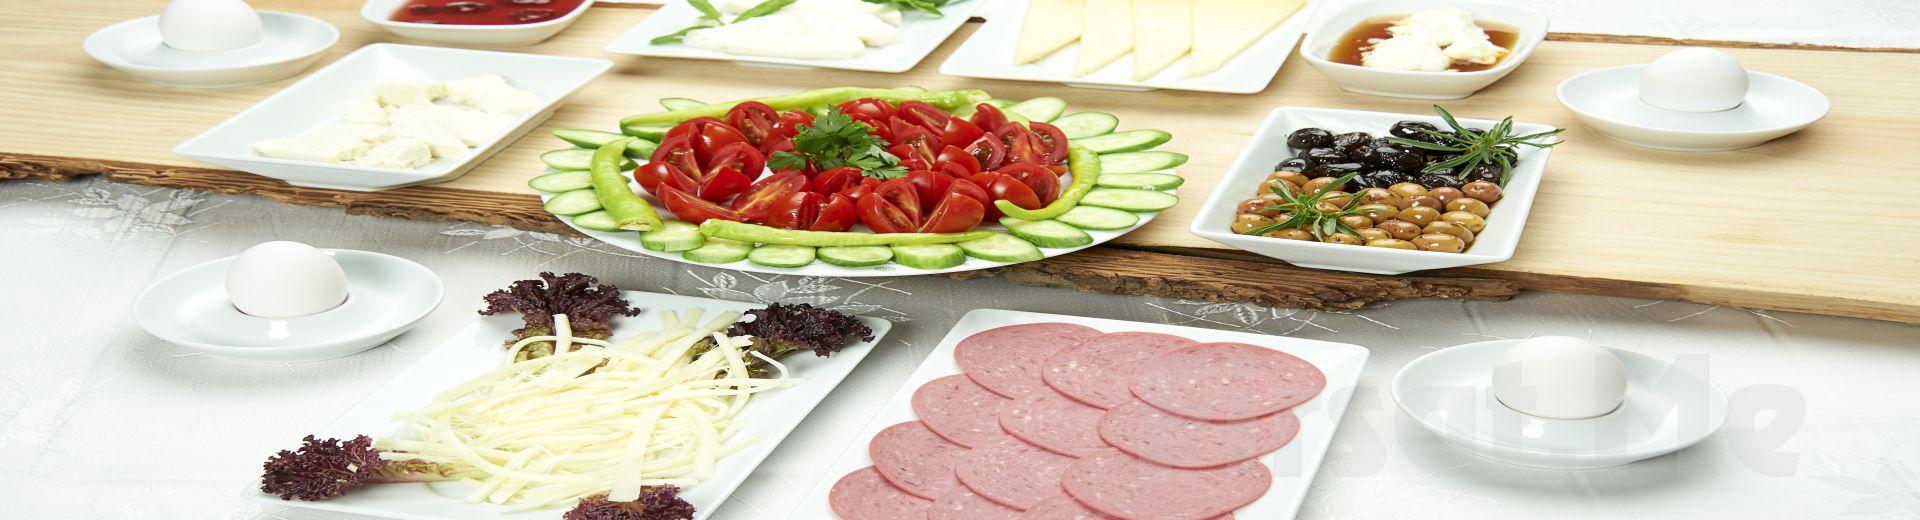 Küçük Çamlıca Beyler Cafe & Restaurant'da Sınırsız Çay Eşliğinde Serpme Kahvaltı Keyfi!